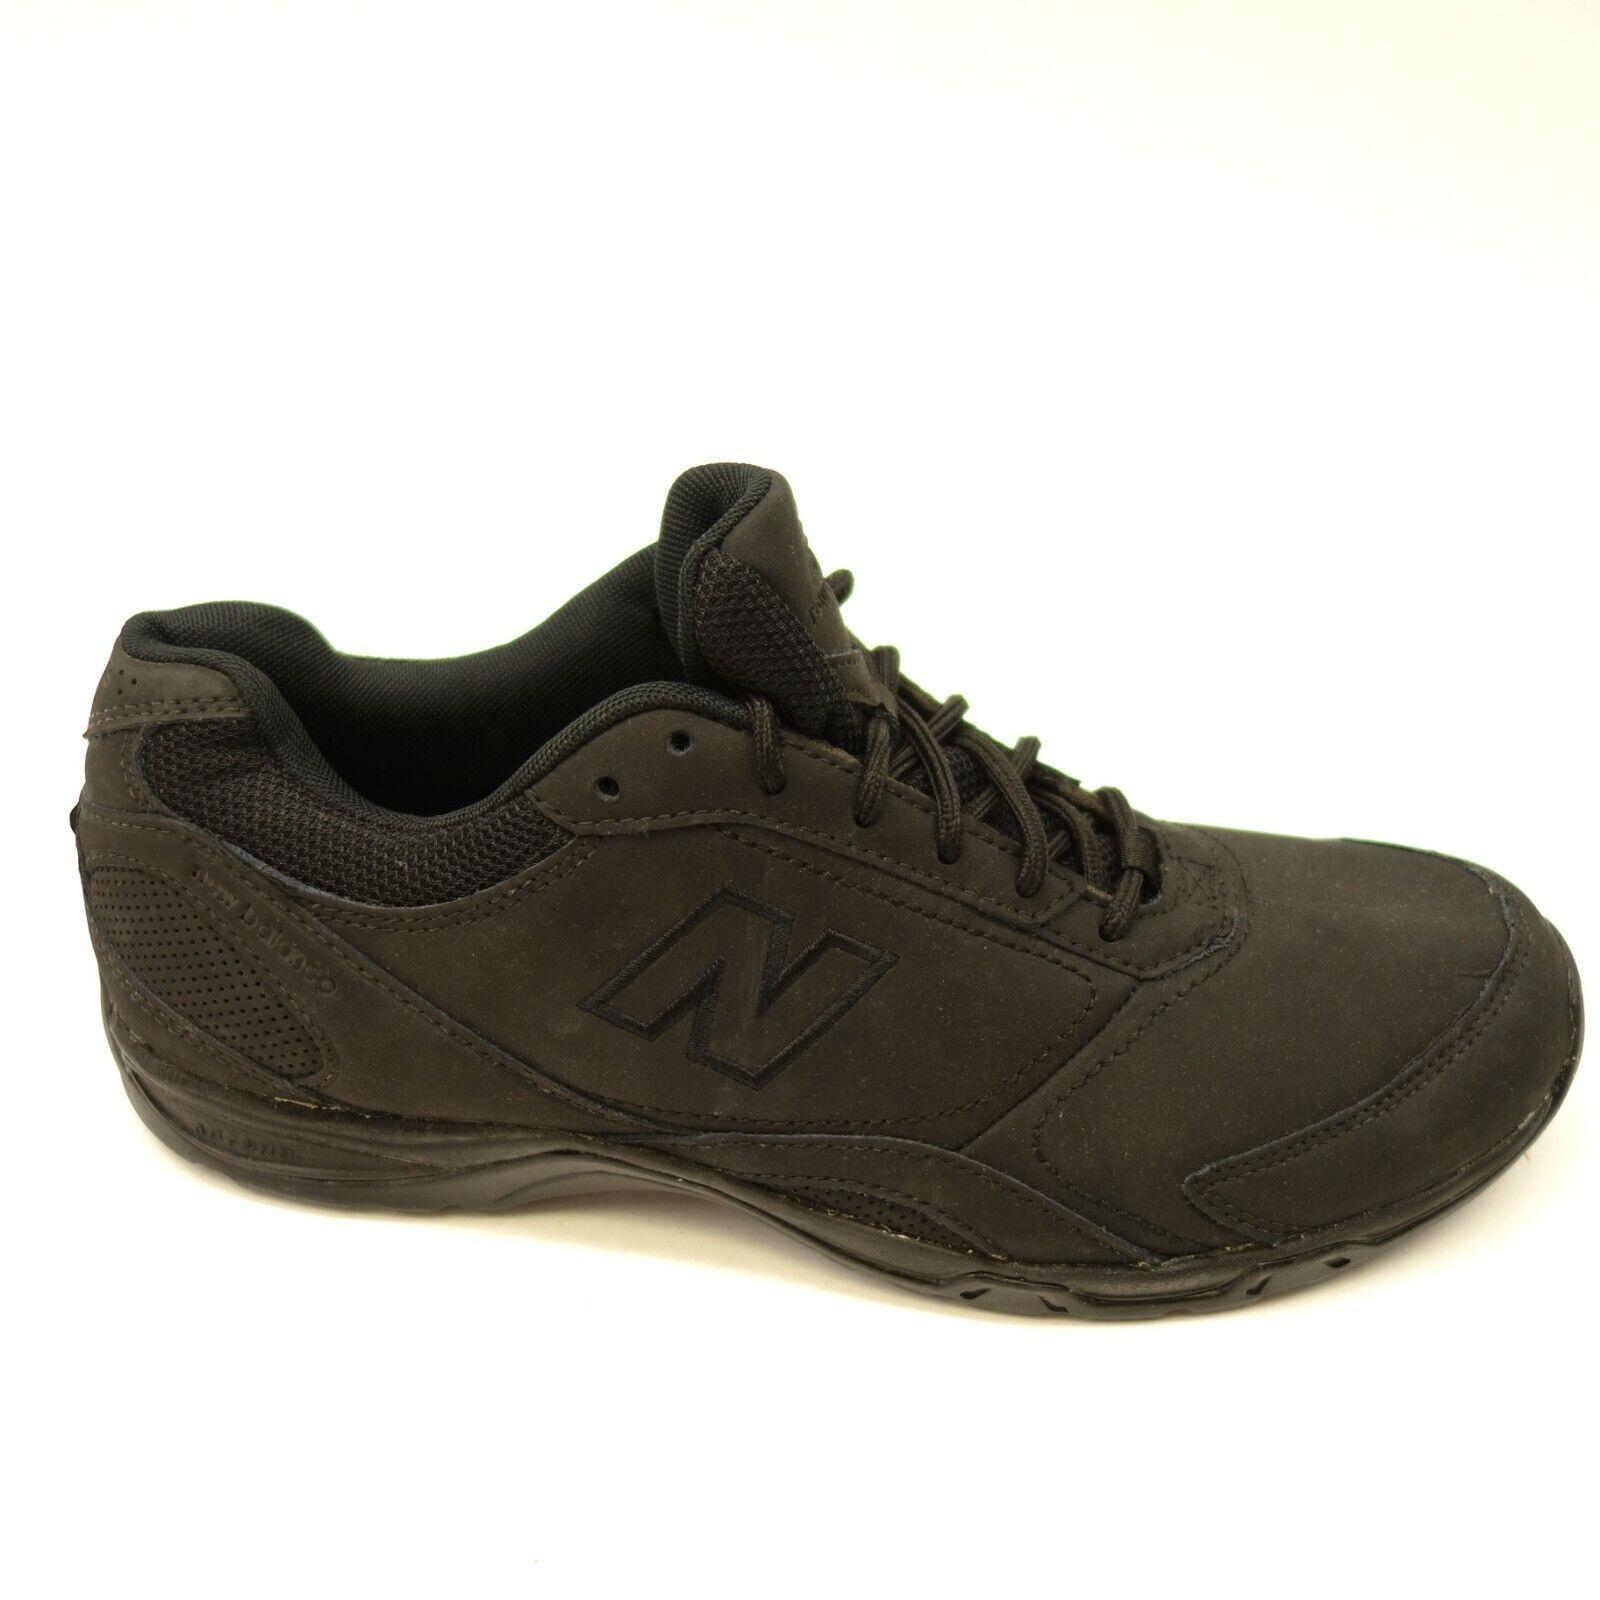 New Balance 629 US 9.5  EU 43 nero Leather Athletic Health Walking Mens scarpe  ti renderà soddisfatto